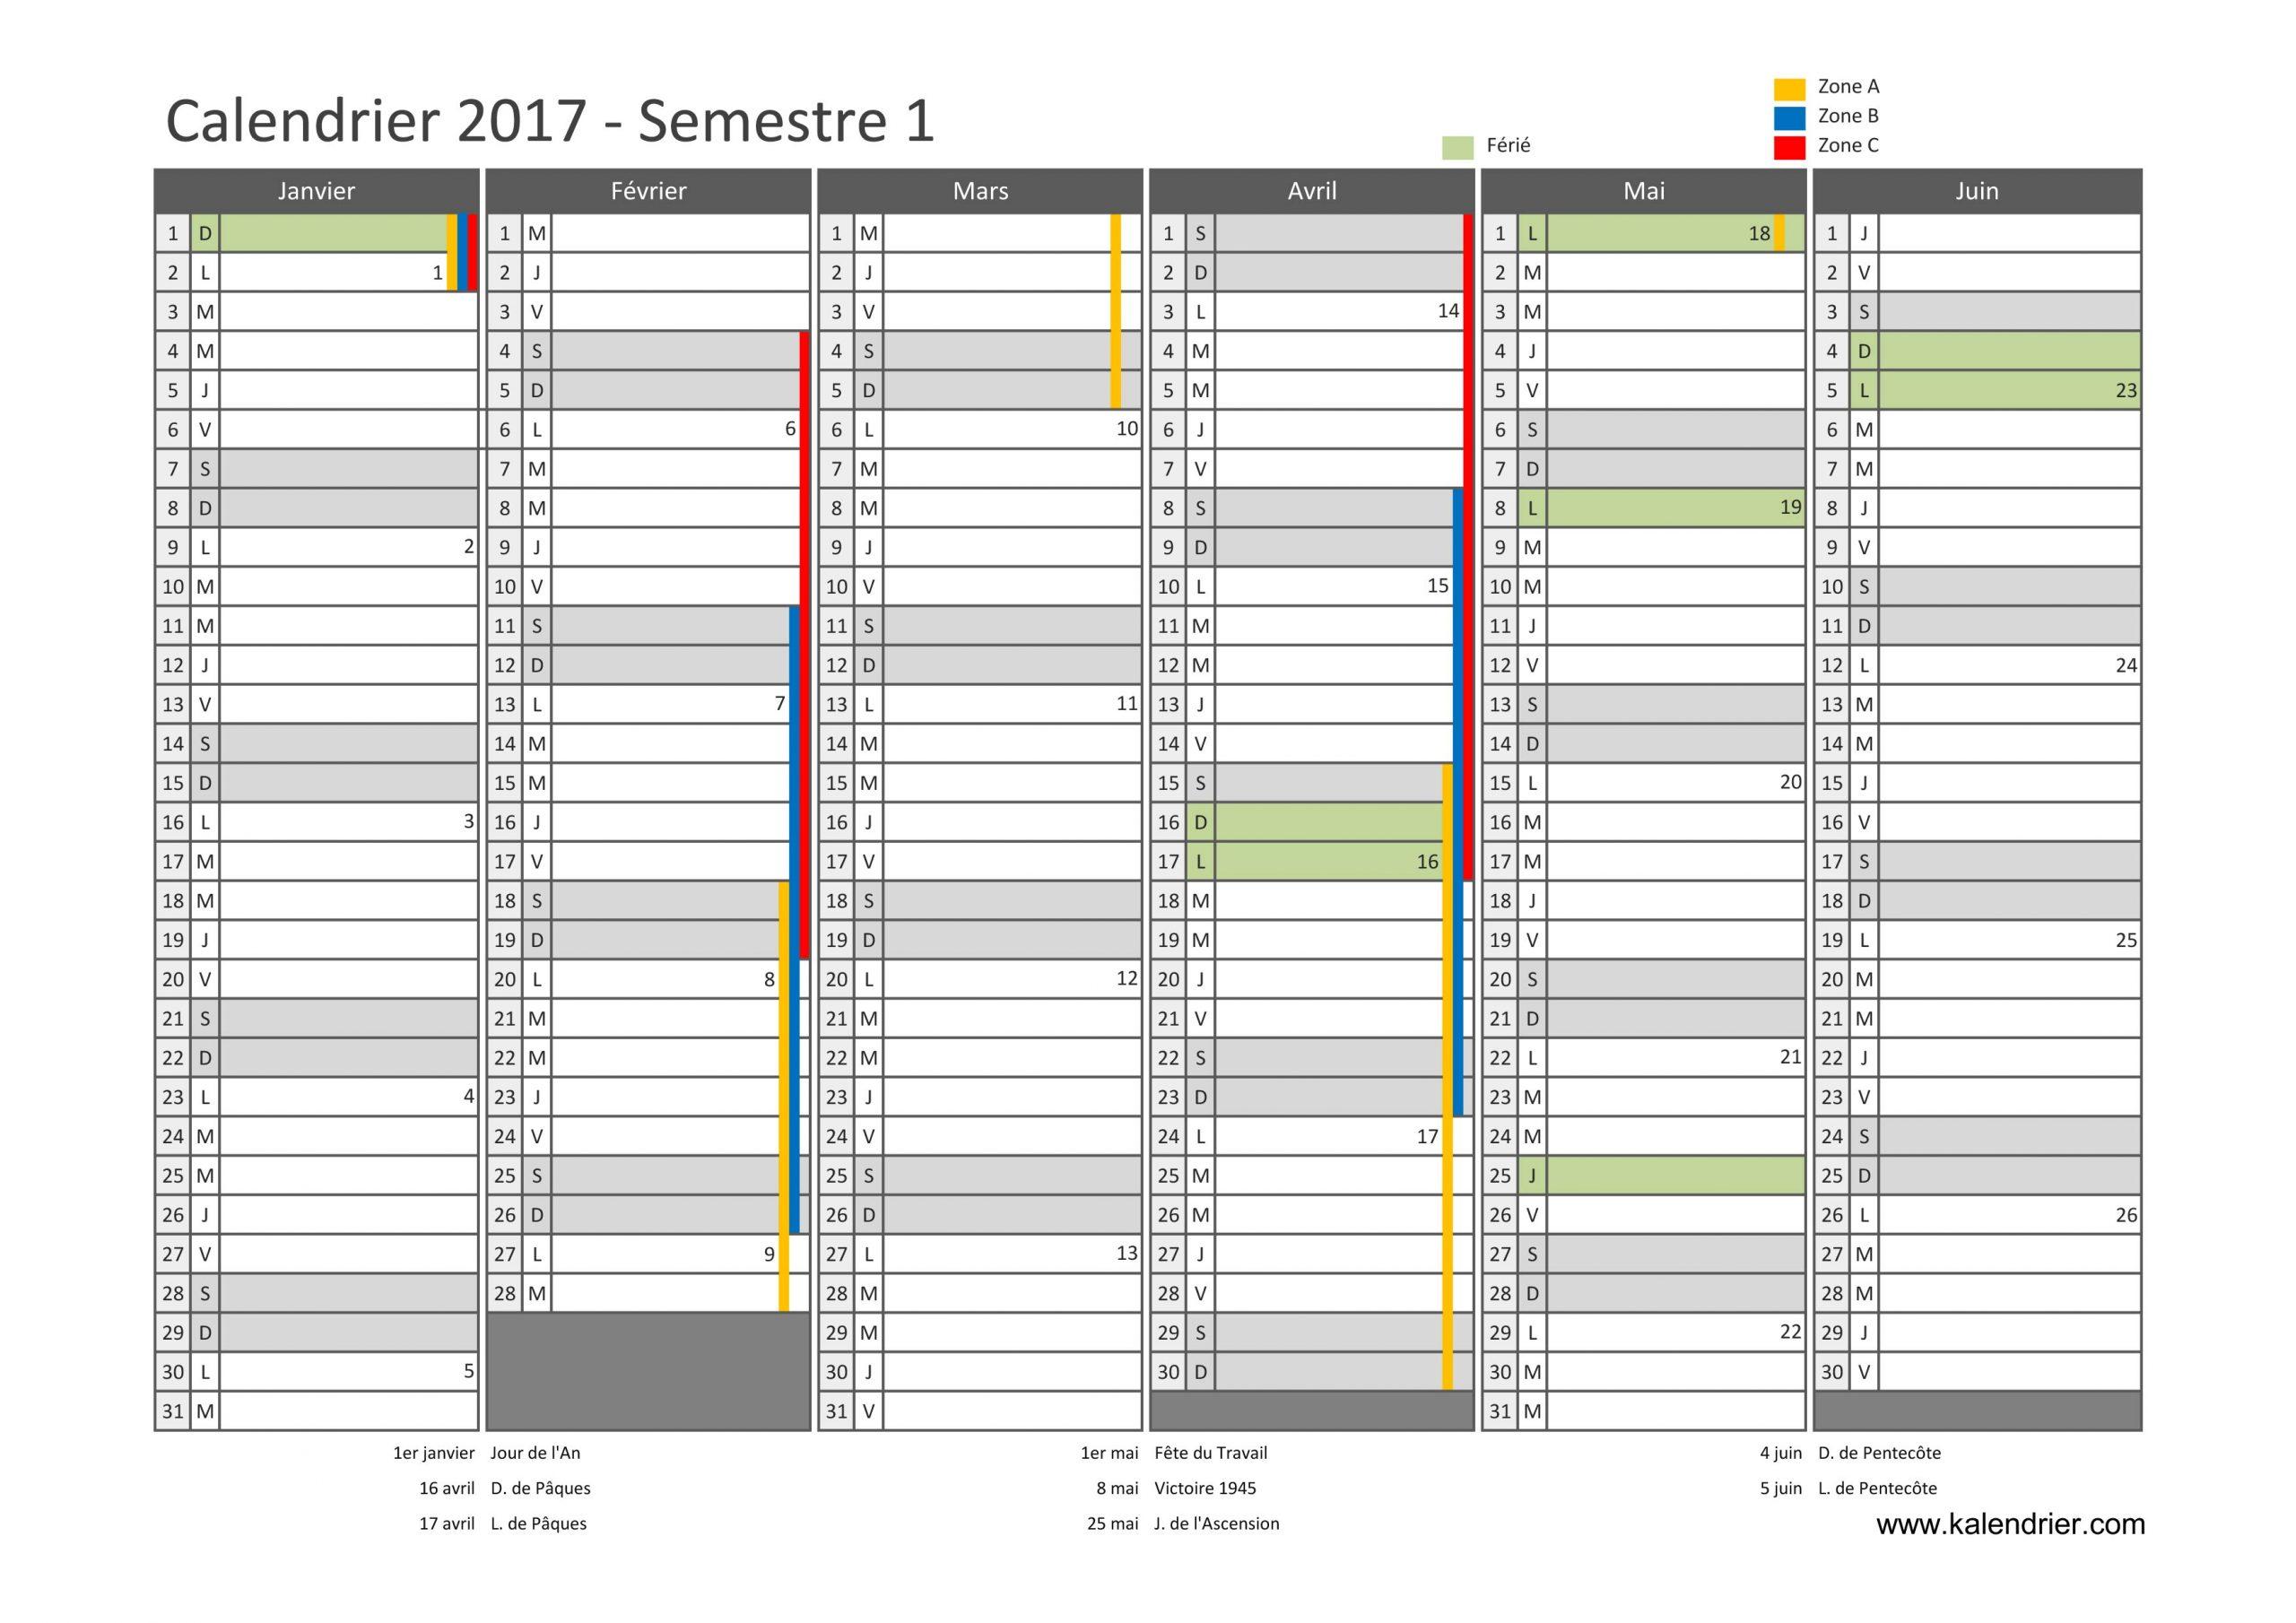 Imprimer Calendrier 2017 Gratuitement - Pdf, Xls Et Jpg intérieur Calendrier 2017 Imprimable